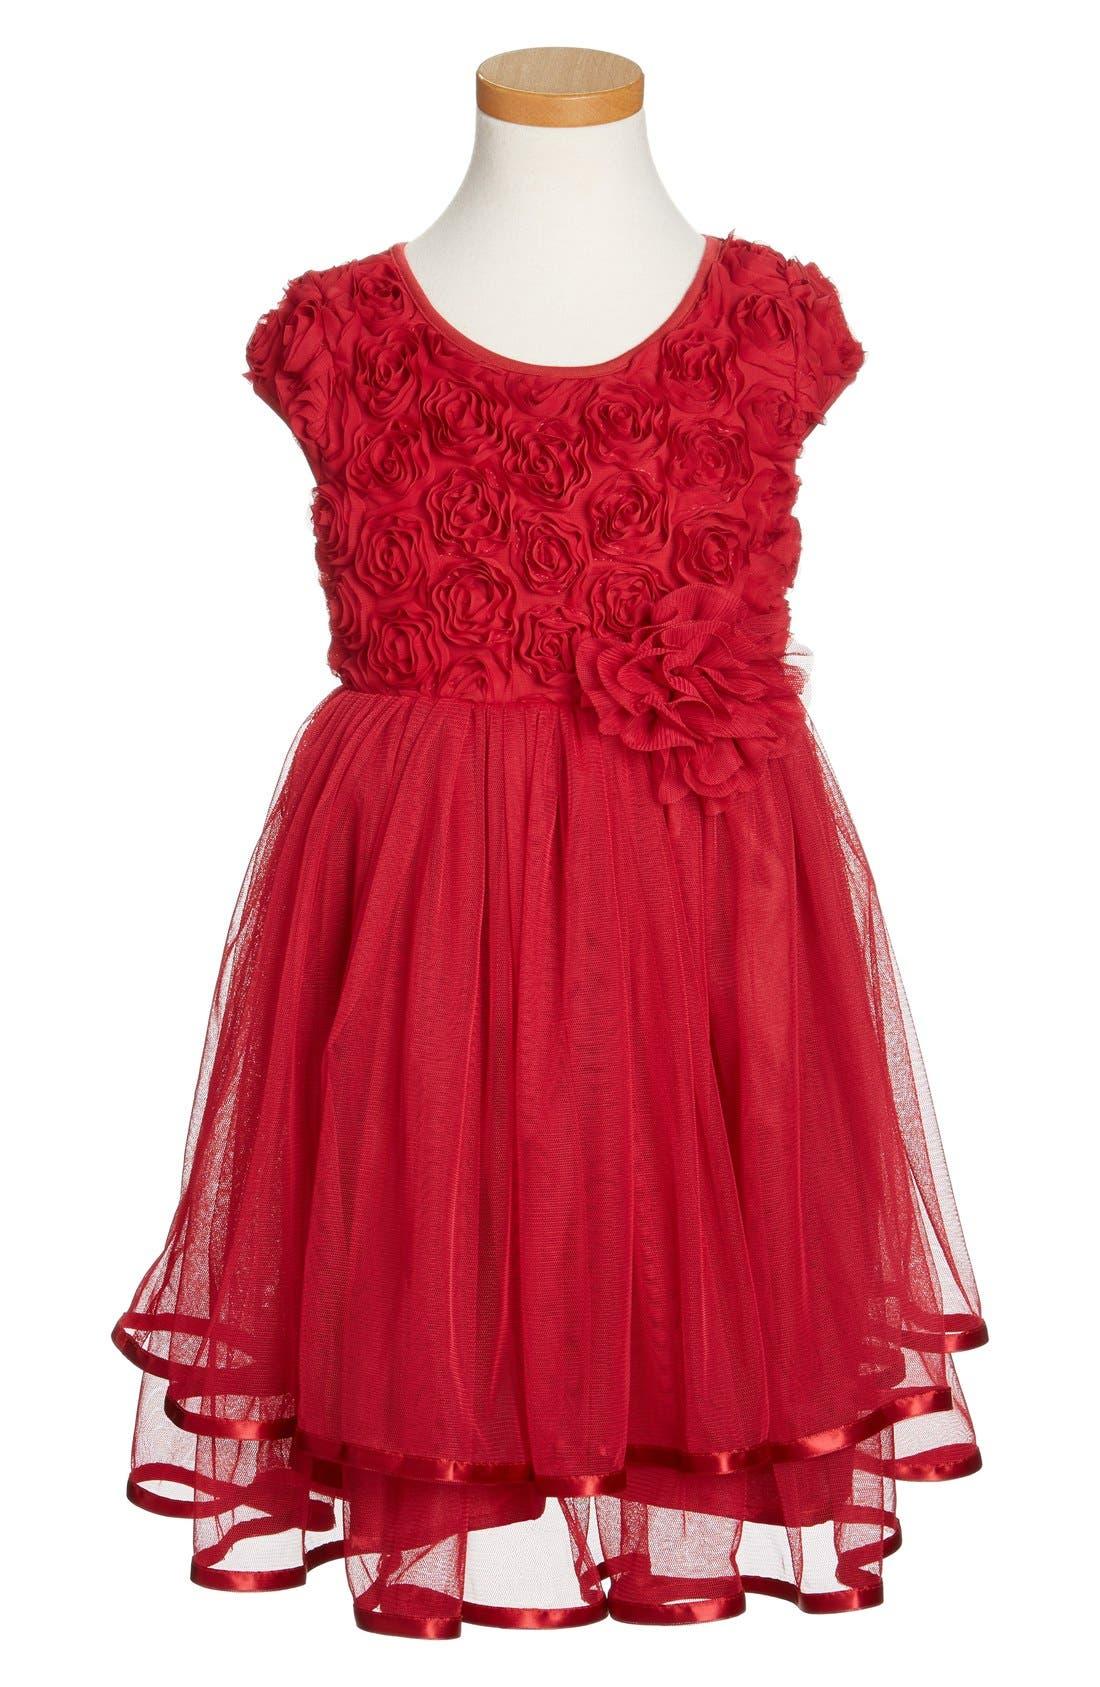 Ribbon Rosette Tulle Dress,                         Main,                         color, BURGUNDY